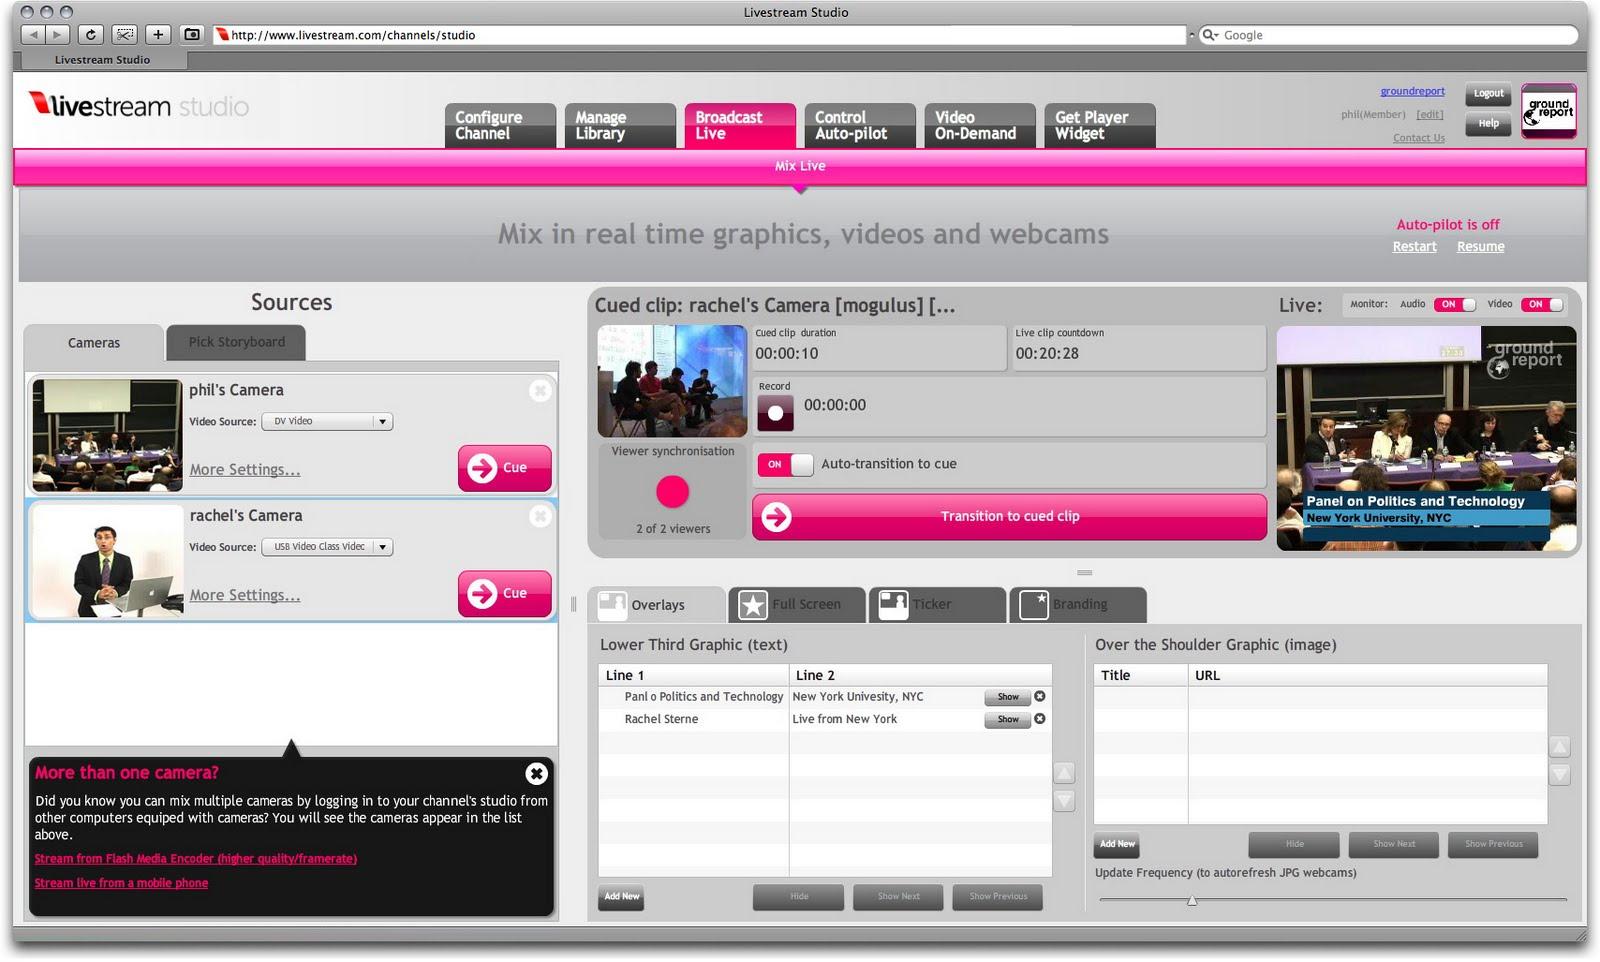 LiveStream.com Studio